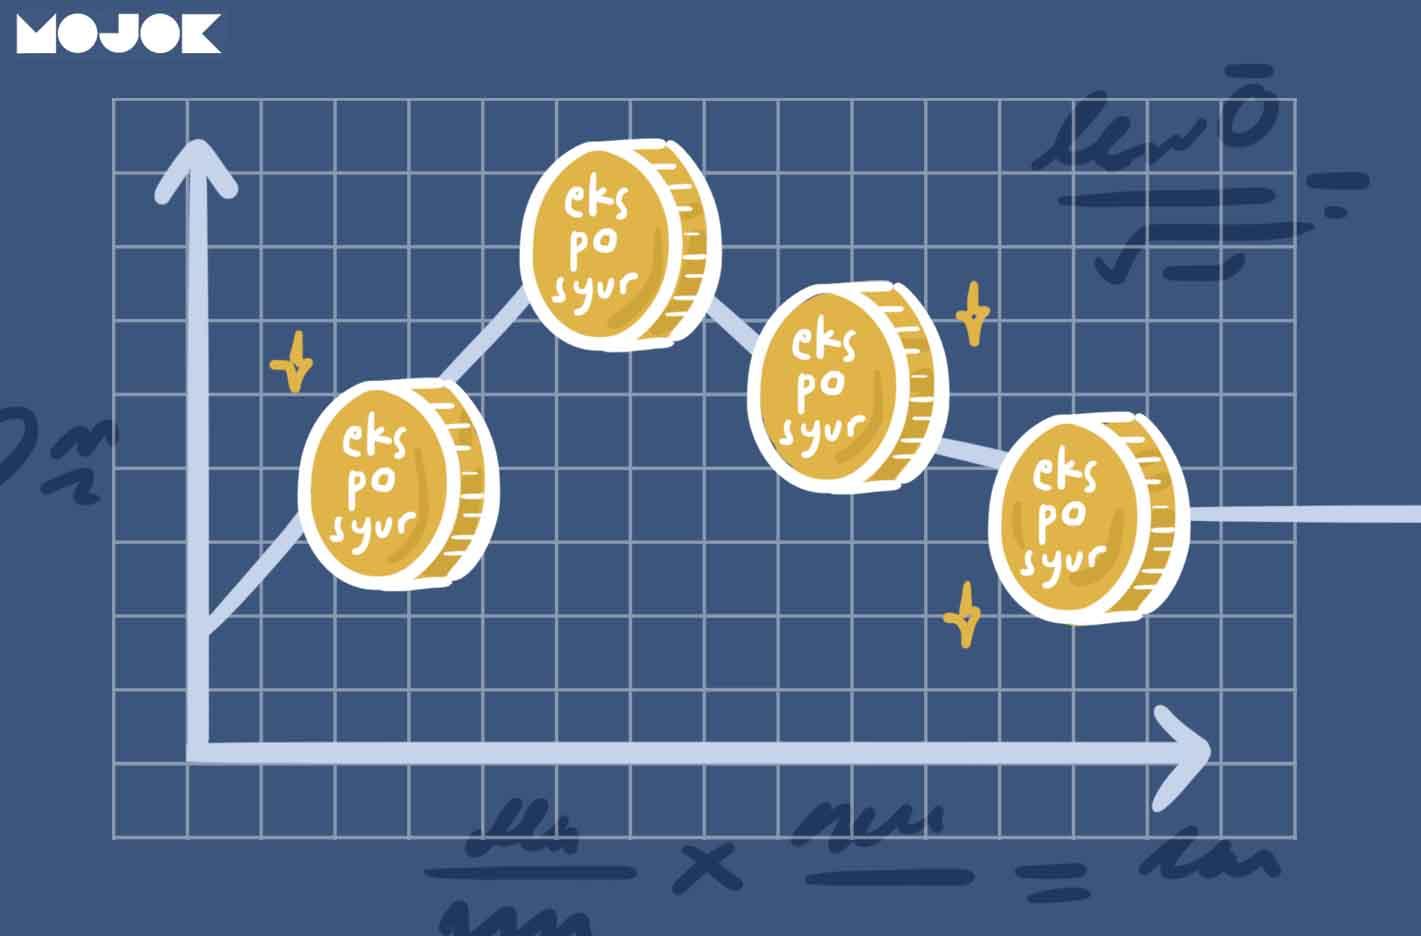 Memilih sekuritas dengan biaya transaksi yang kecil · 2. Panduan Memulai Investasi Saham Bagi Pemula Mojok Co